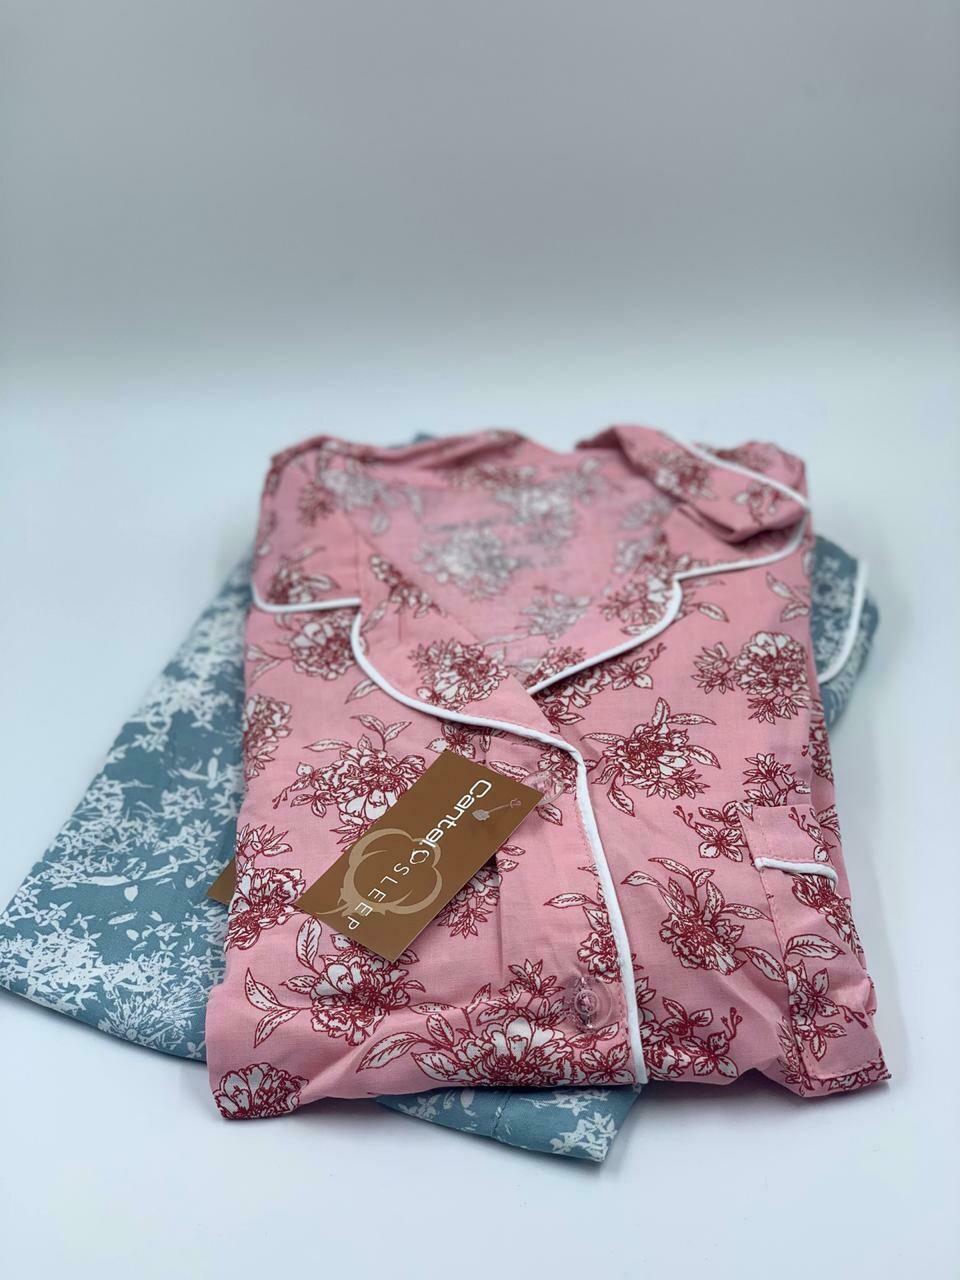 Pijama Cantel Sleep Dama Pantalón Y Blusa Kashy